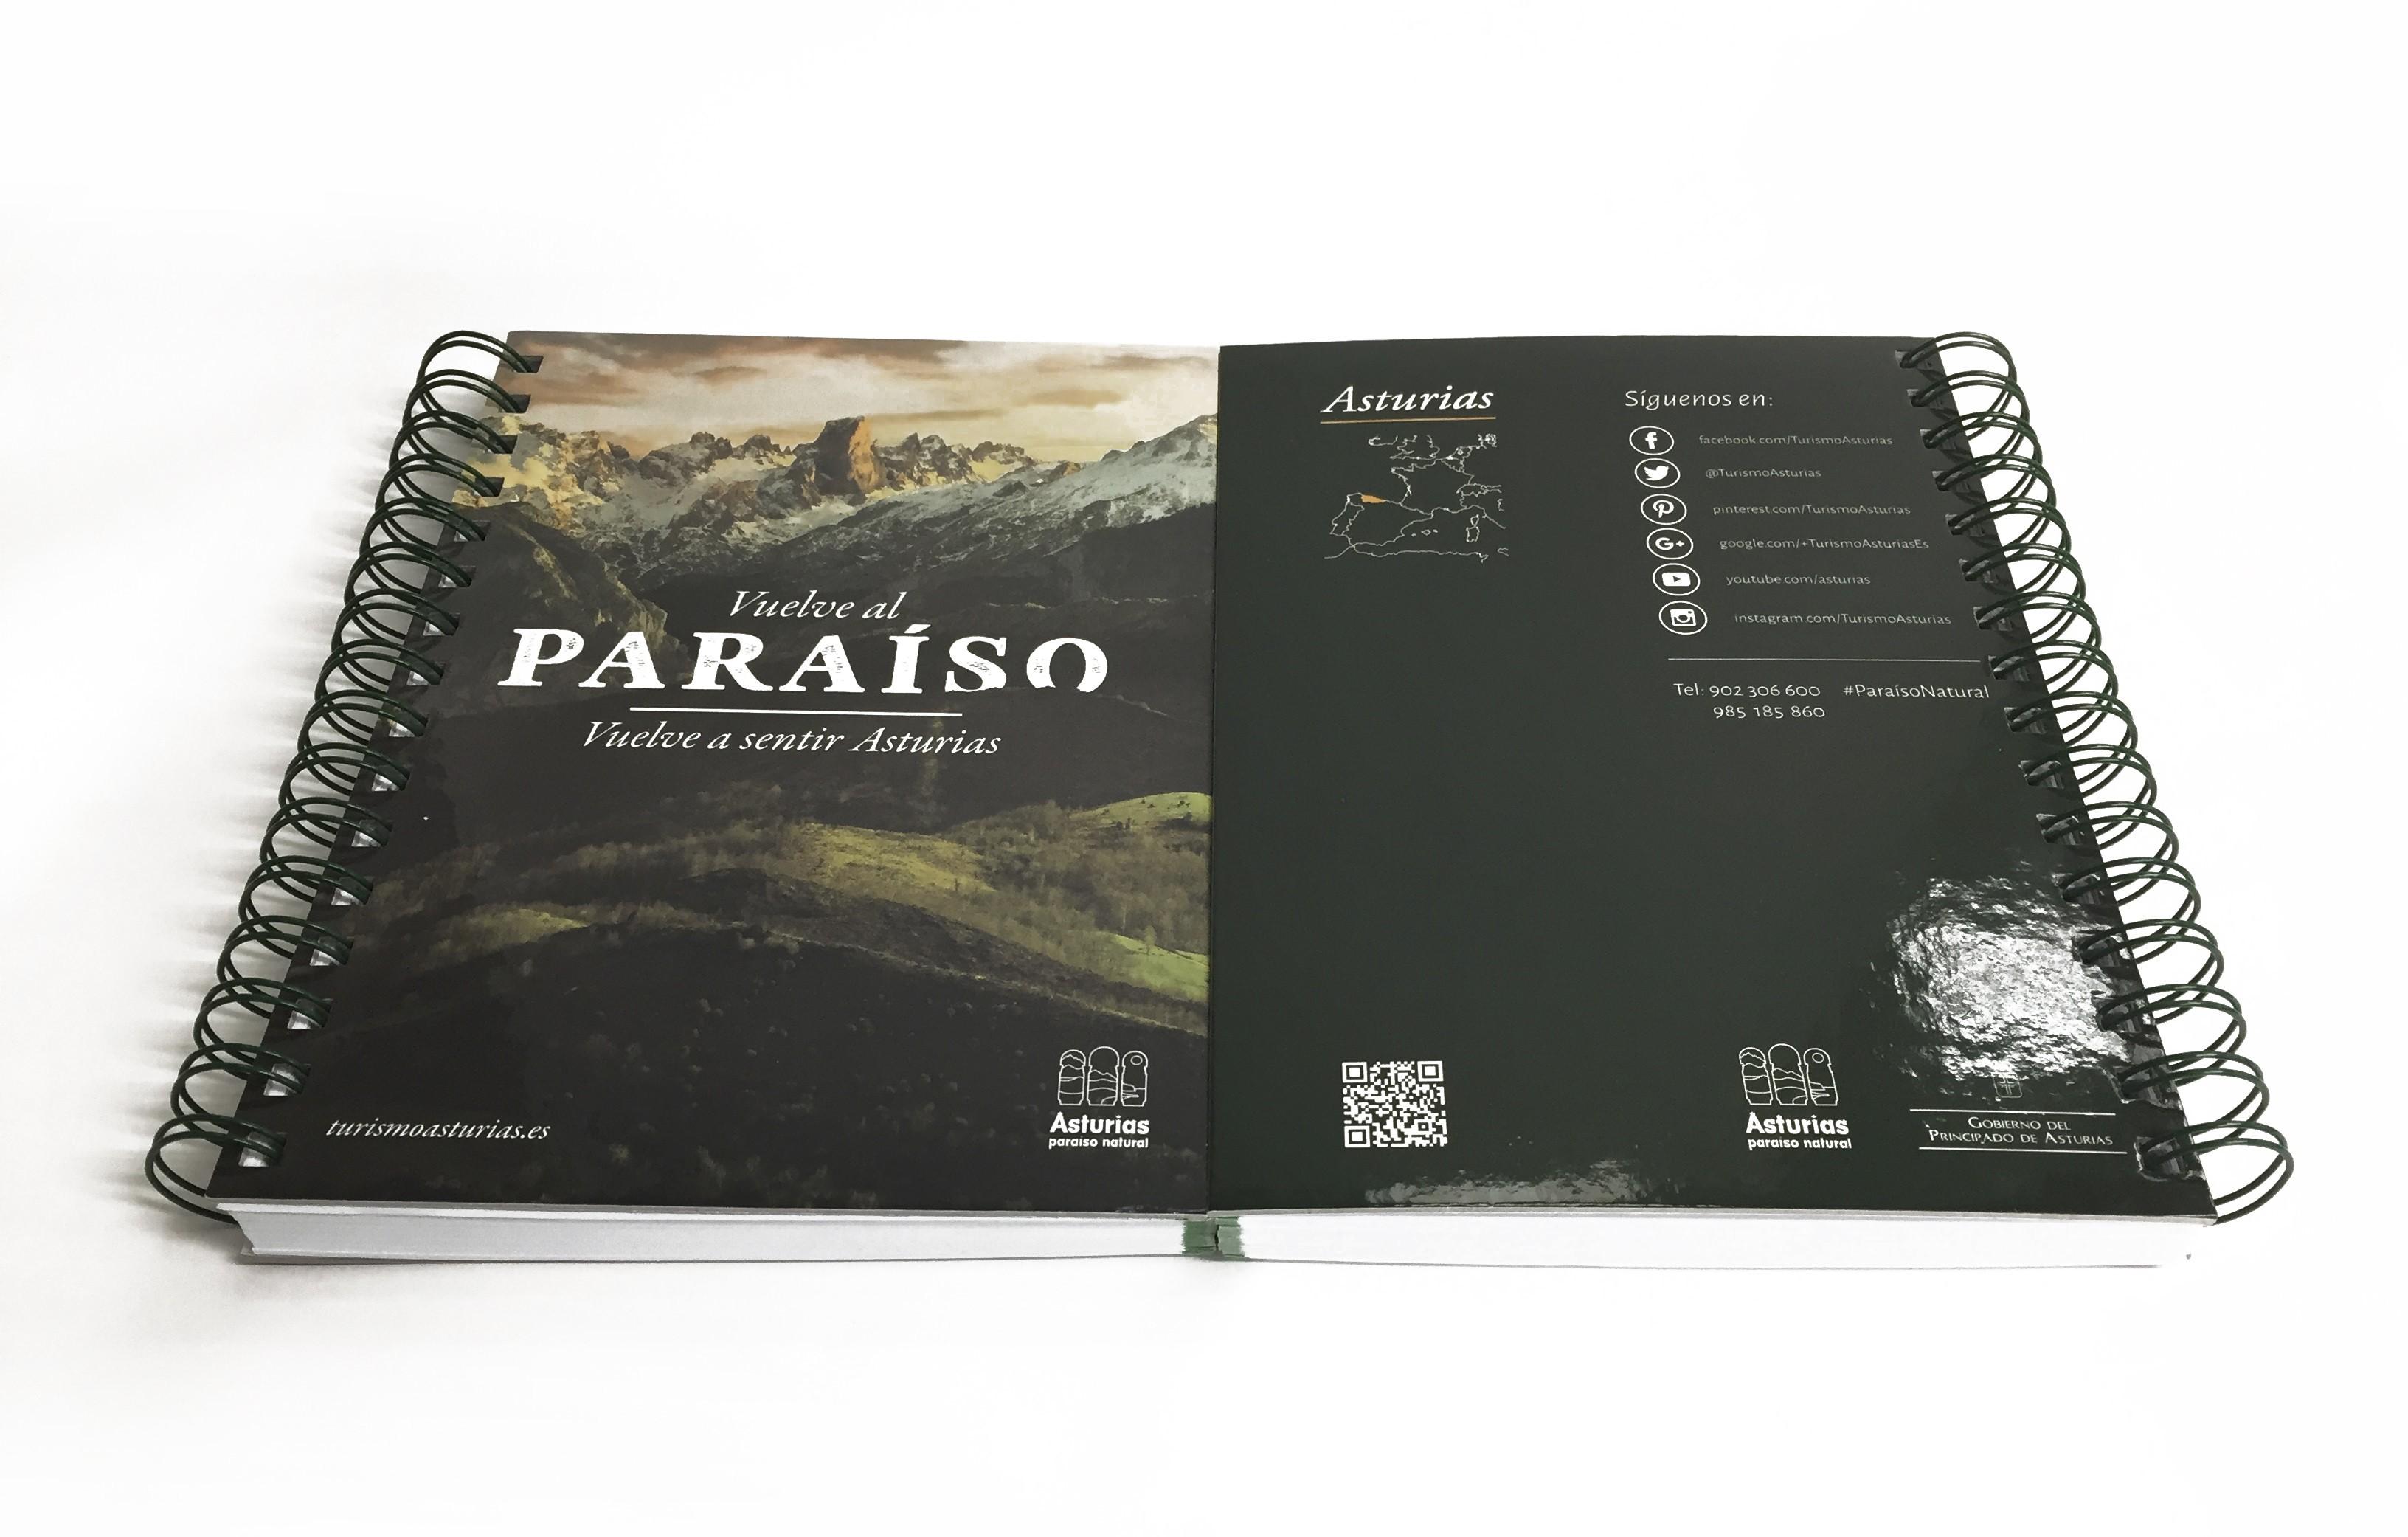 libreta asturias vuelve al paraiso